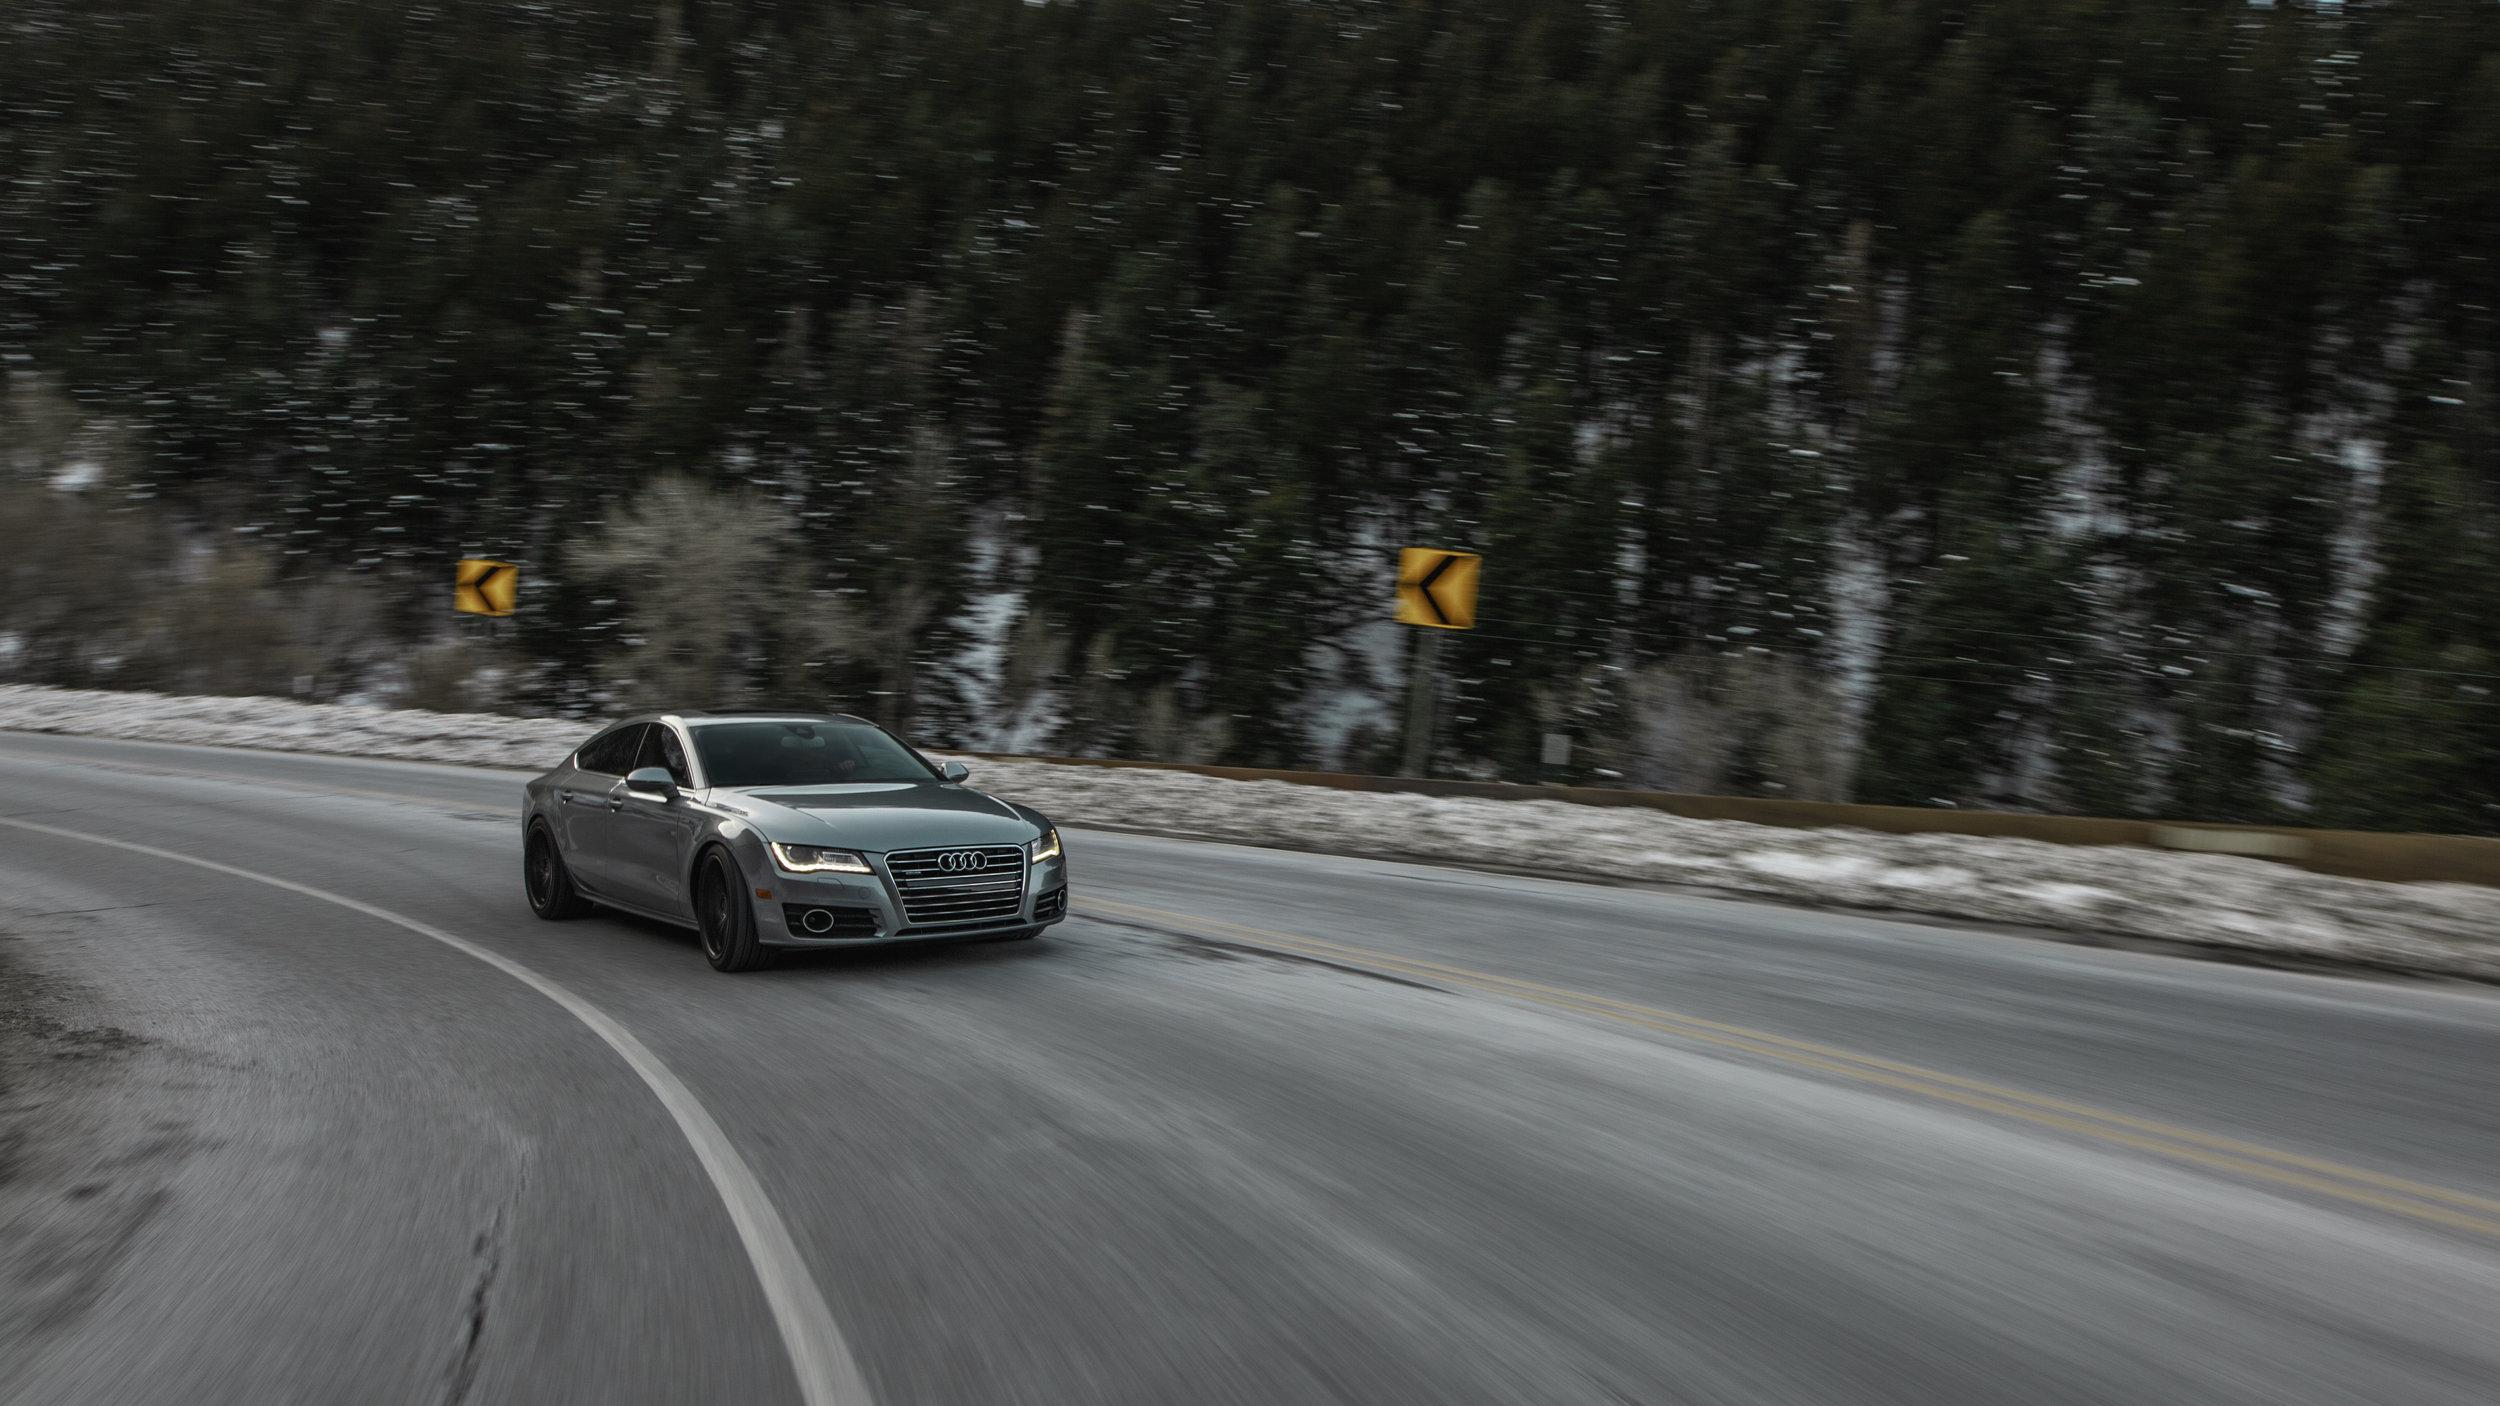 Schumacher_Audi-4.jpg